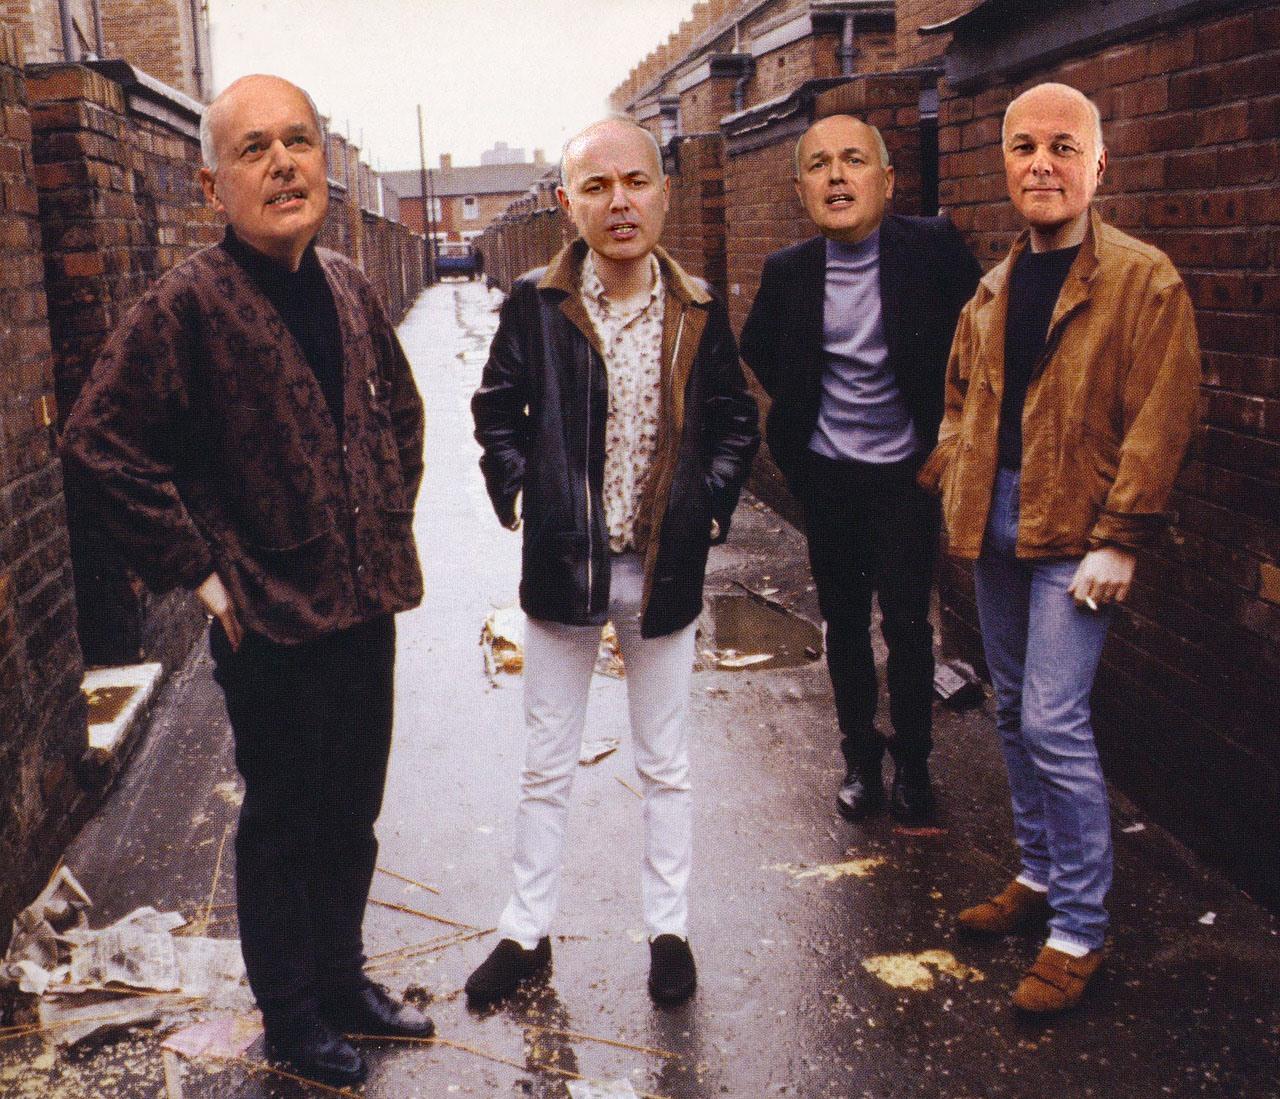 The Iain Duncan Smiths sind eine Politiksatire-Band, die Songs von The Smiths adaptiert.